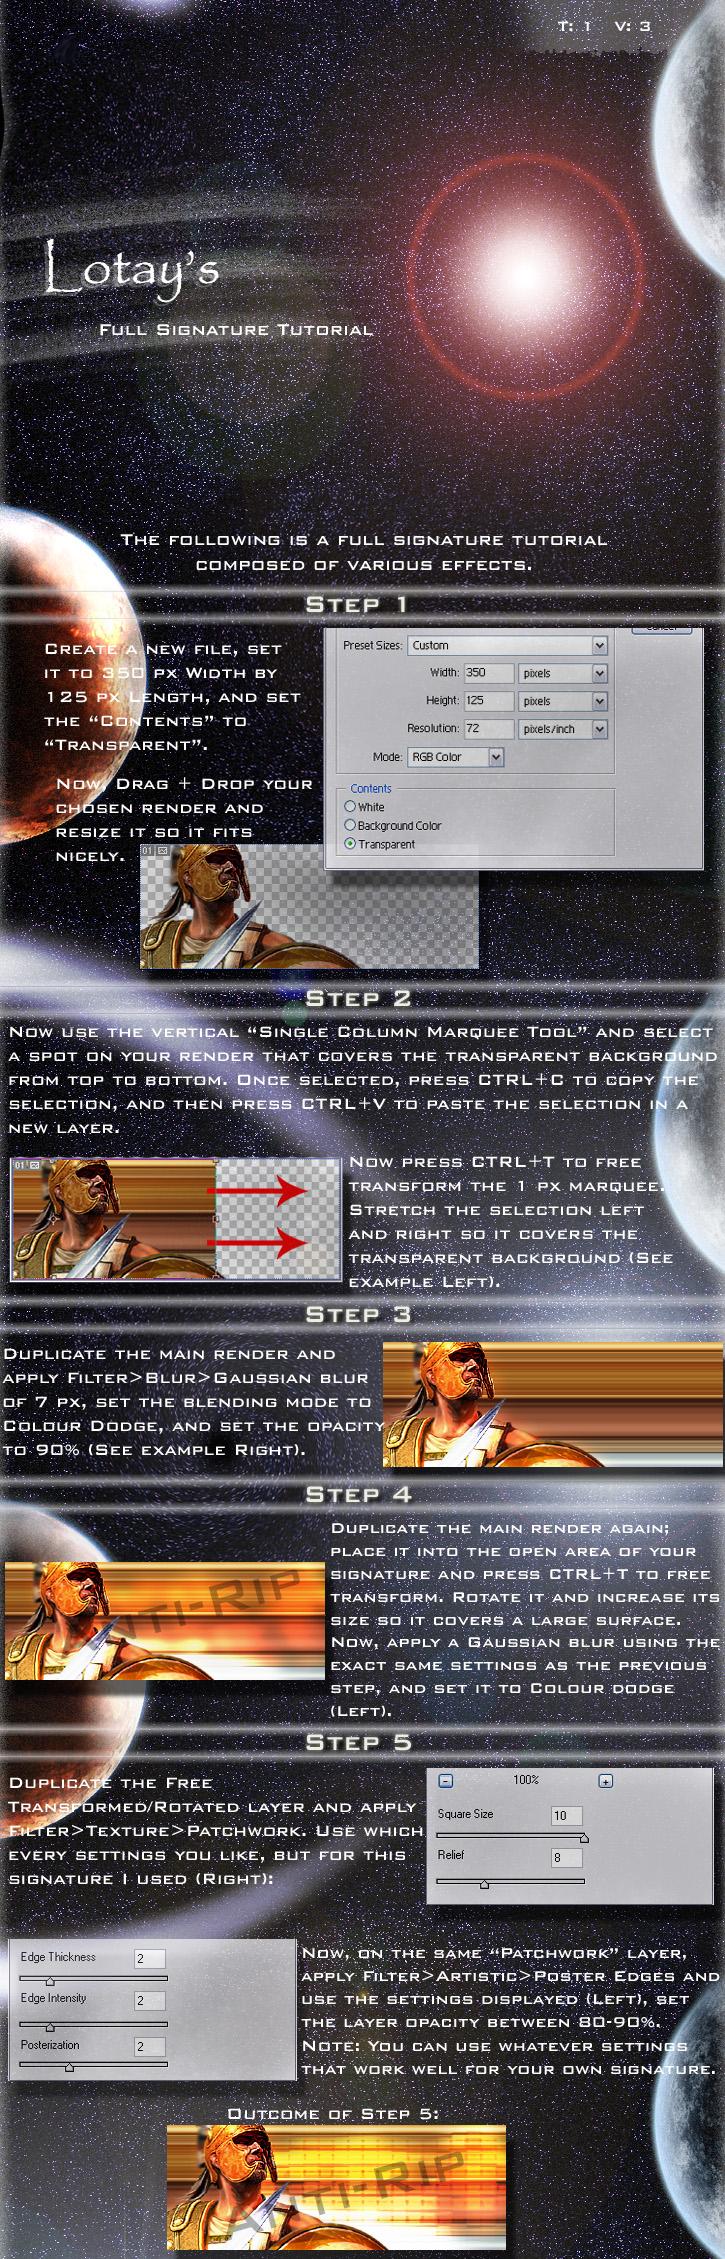 Multi-Effect Tut Part 1 by Lotay